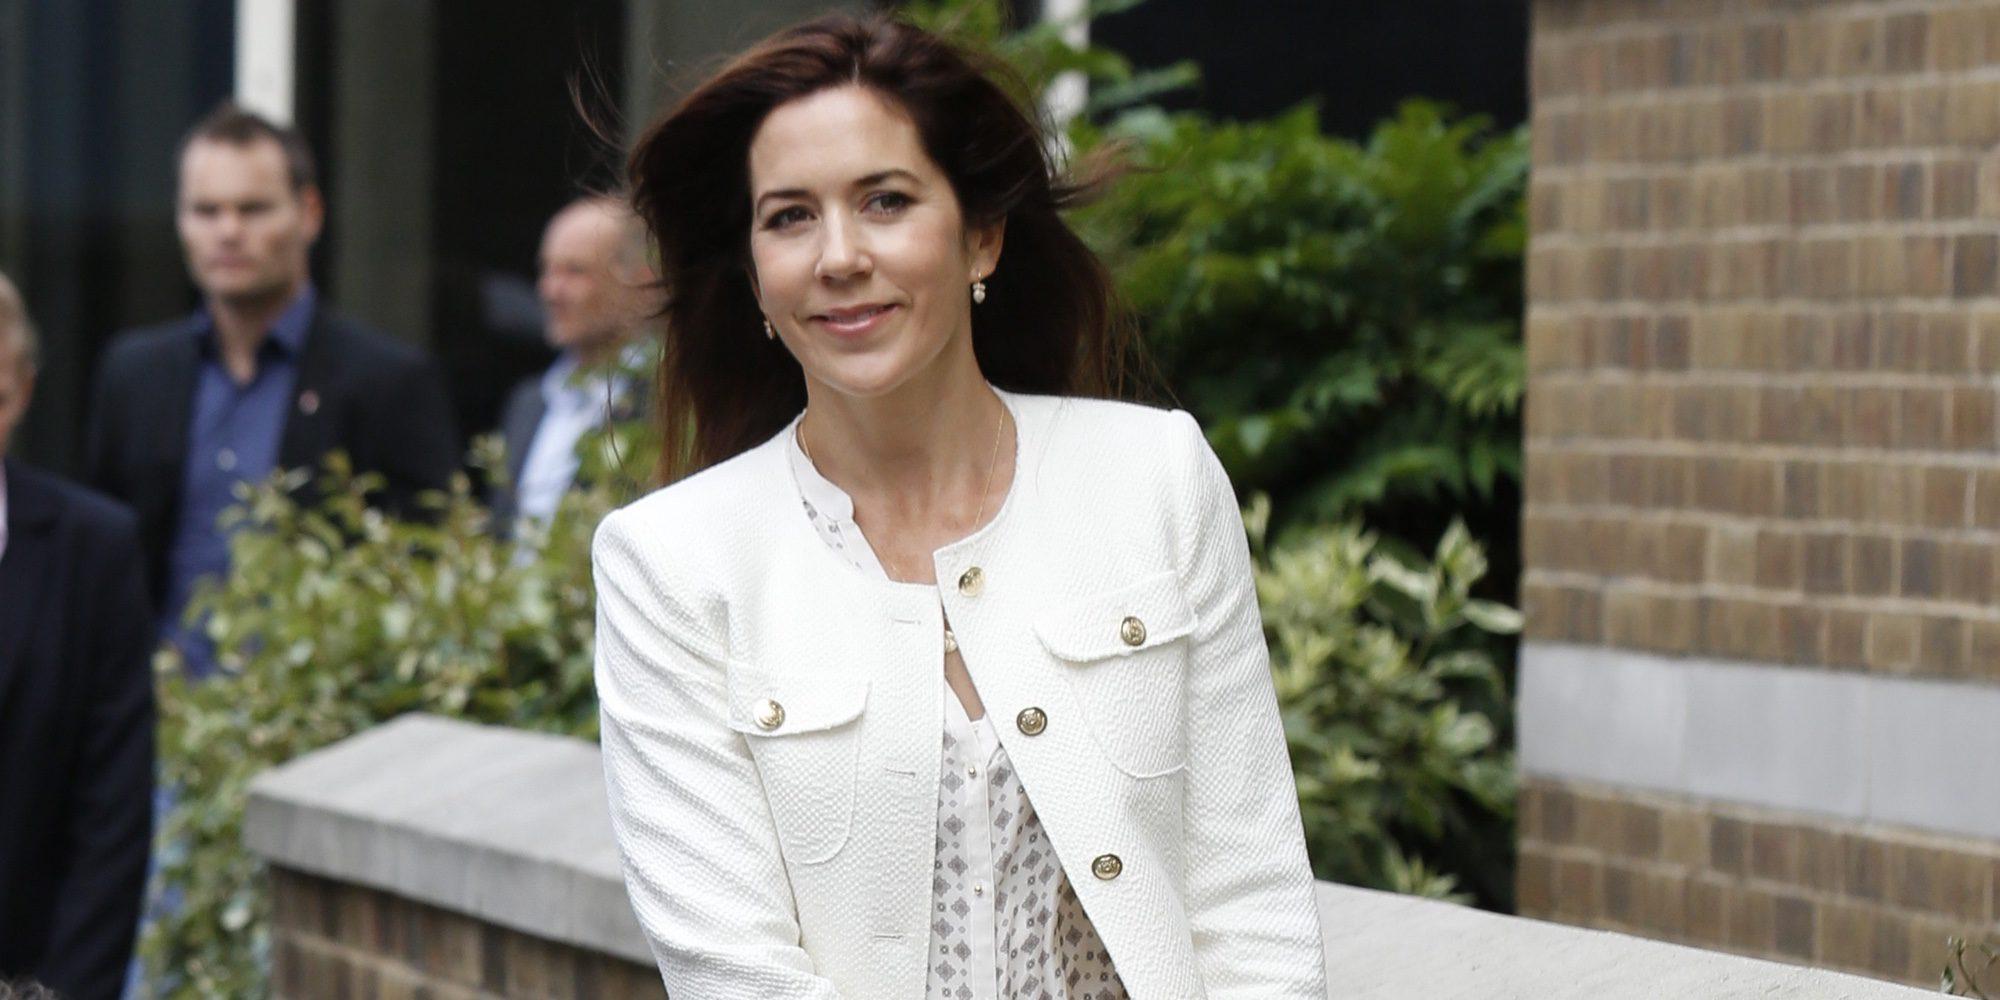 La vida de Mary de Dinamarca en 4 momentos alegres y amargos: la australiana que lo dejó todo para ser princesa